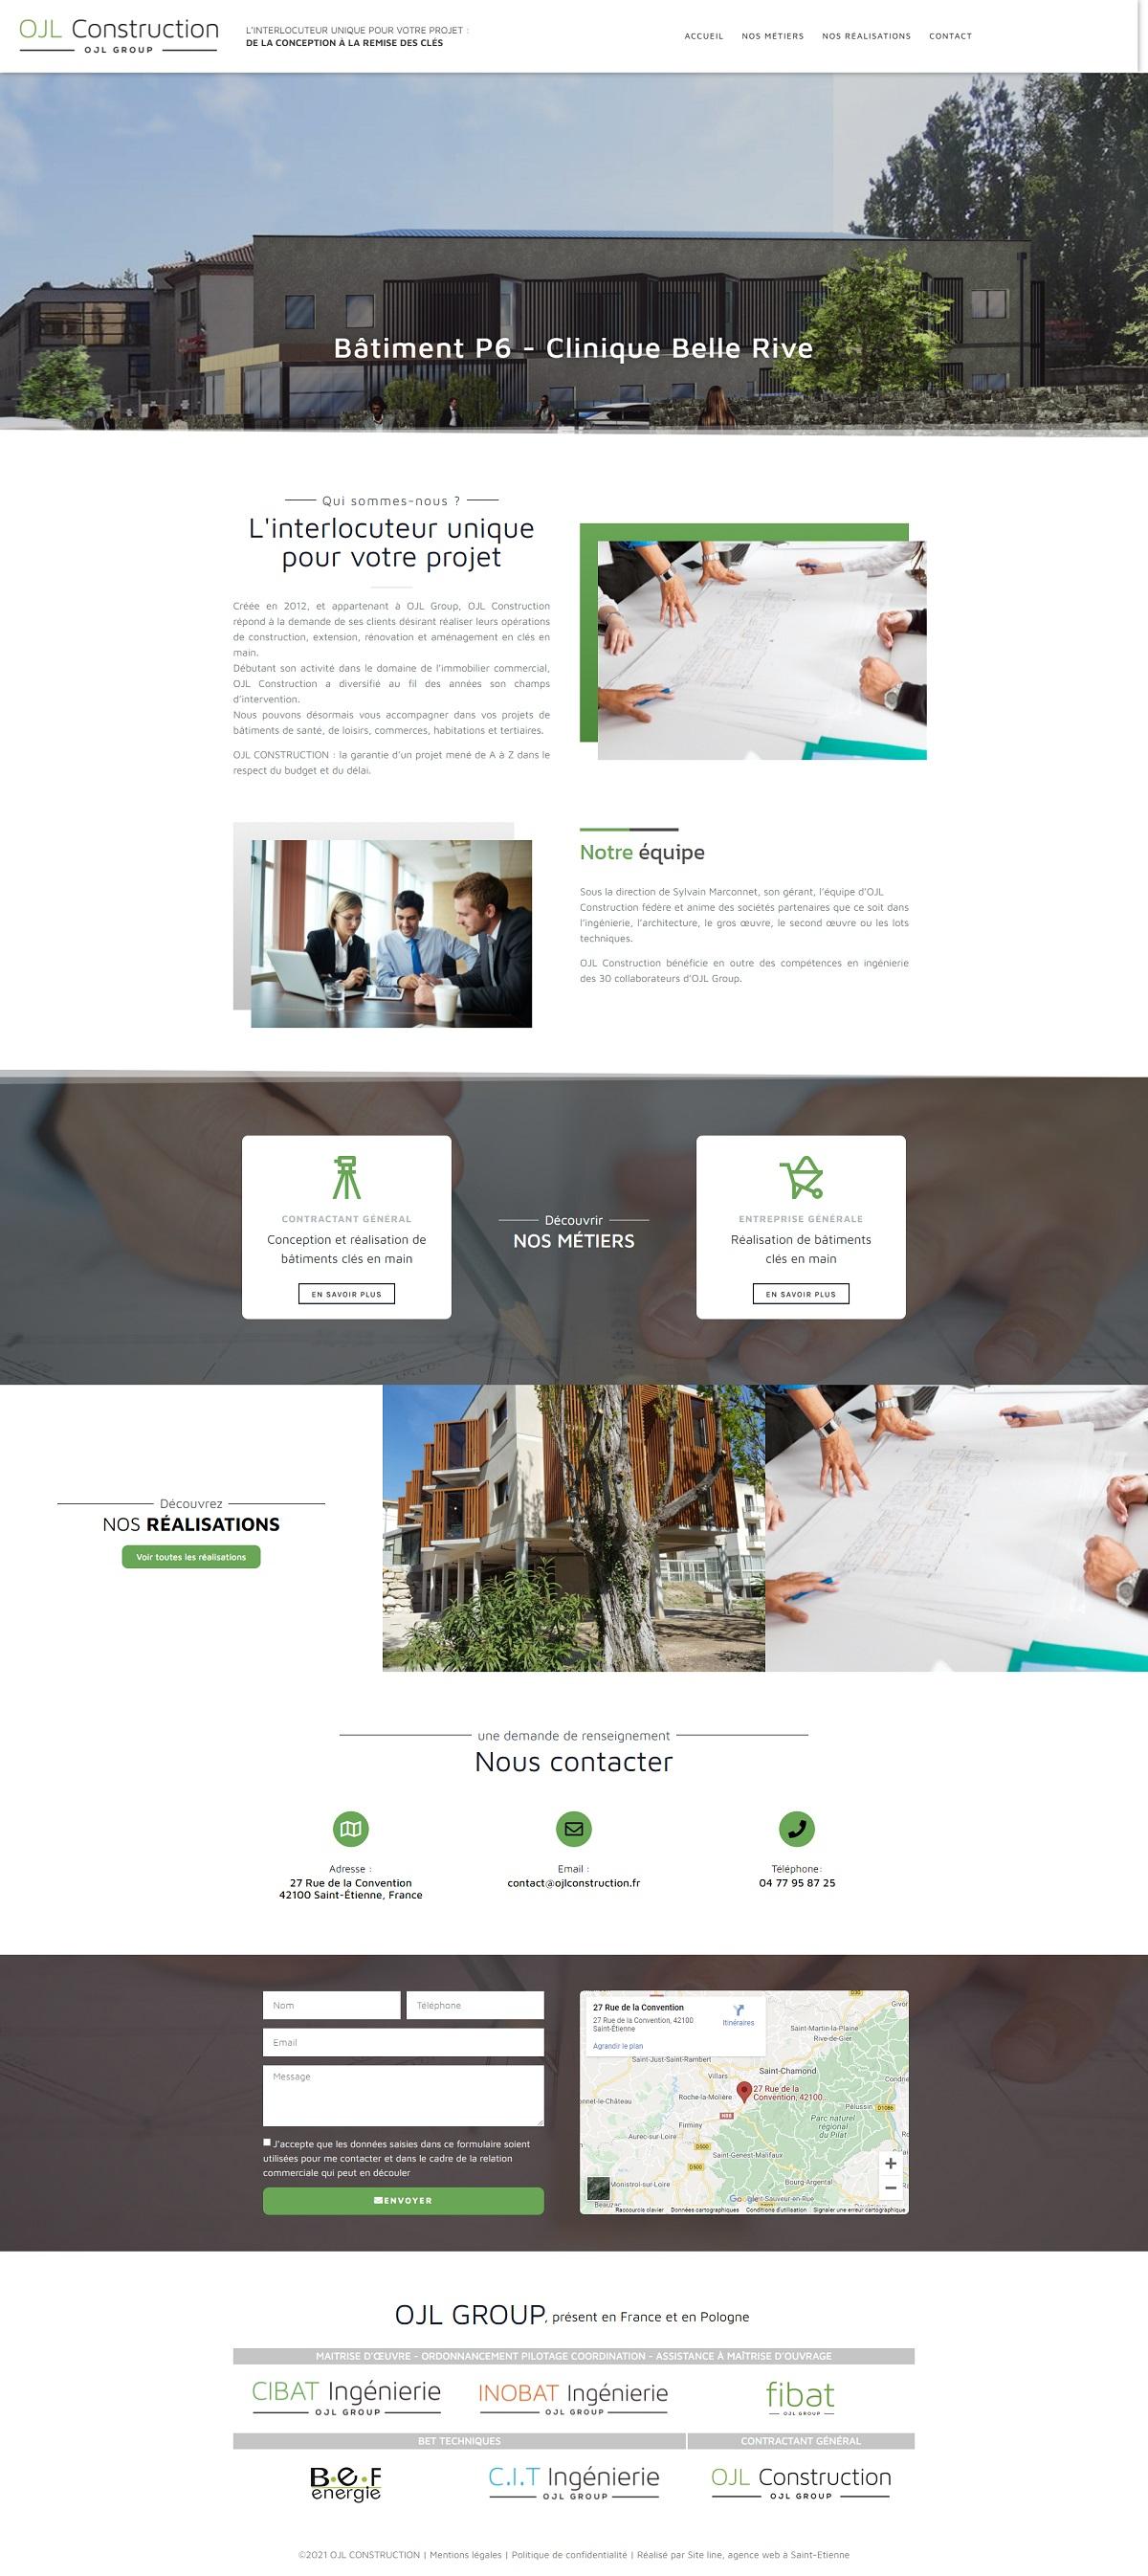 Création site Internet conception et réalisation de bâtiments clés en main - OJL Construction